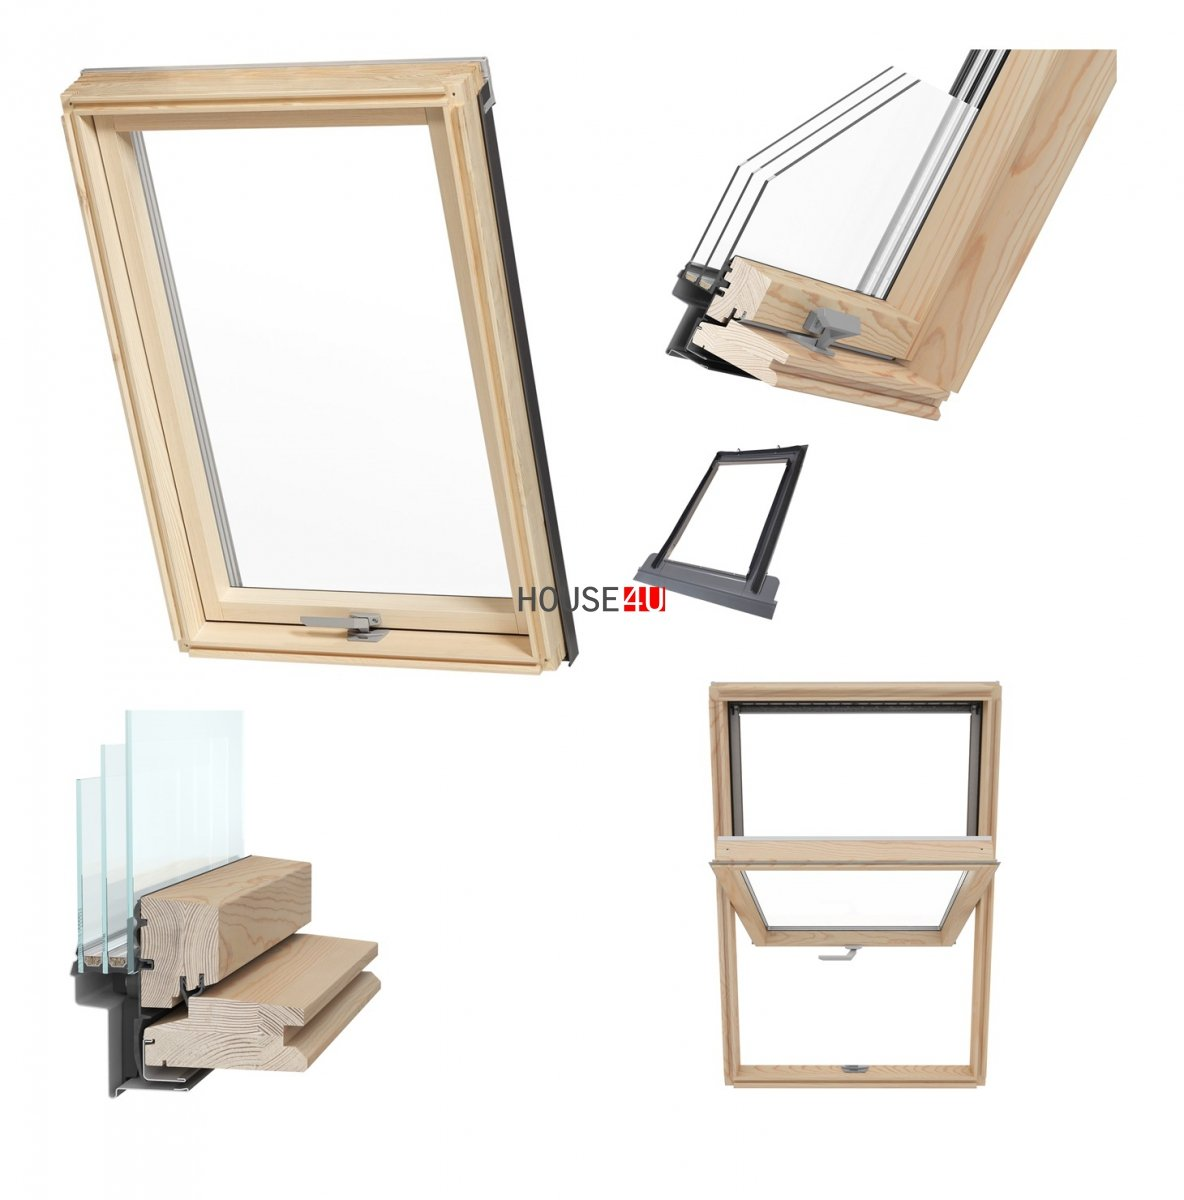 Holzdachfenster Fenster fürs Dach Holz VKR Velux Konzern TOP-Q Eindeckrahmen